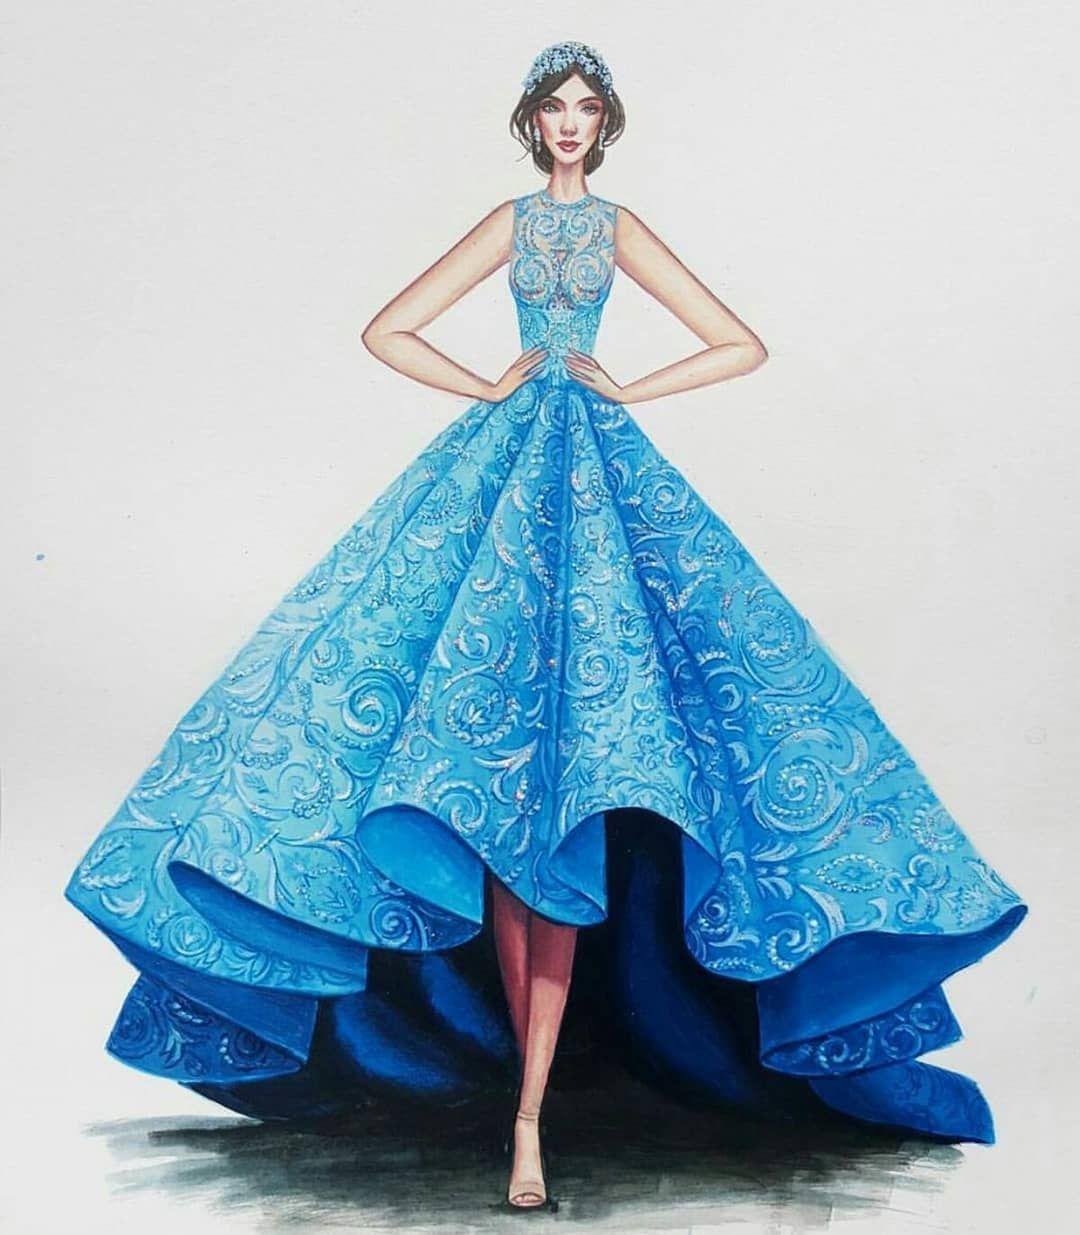 """MMM on Instagram: """"#illustration #designing #rampgarment #backfullness #inspiration #transparentillusion  #pairednudeheels #fashion #dress #ideas…"""""""